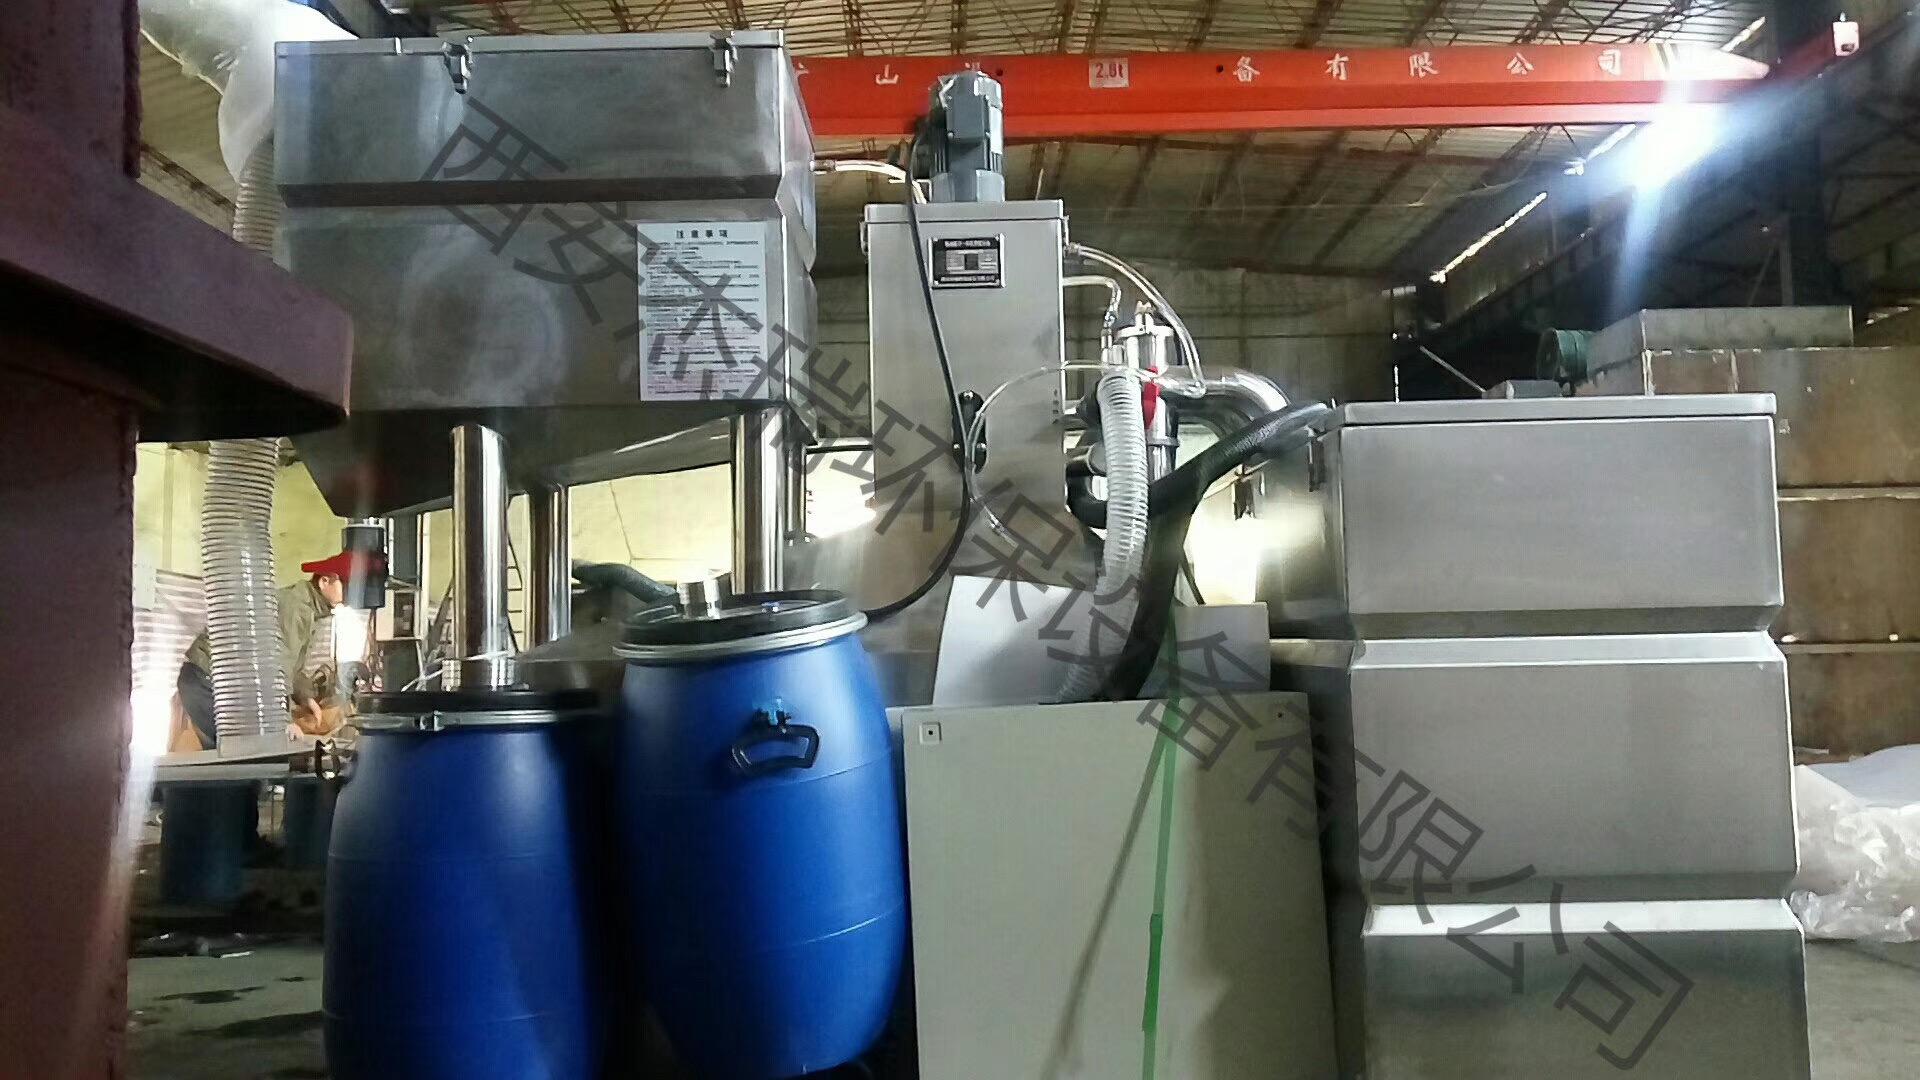 餐厅厨房废弃油脂选用油水分离器